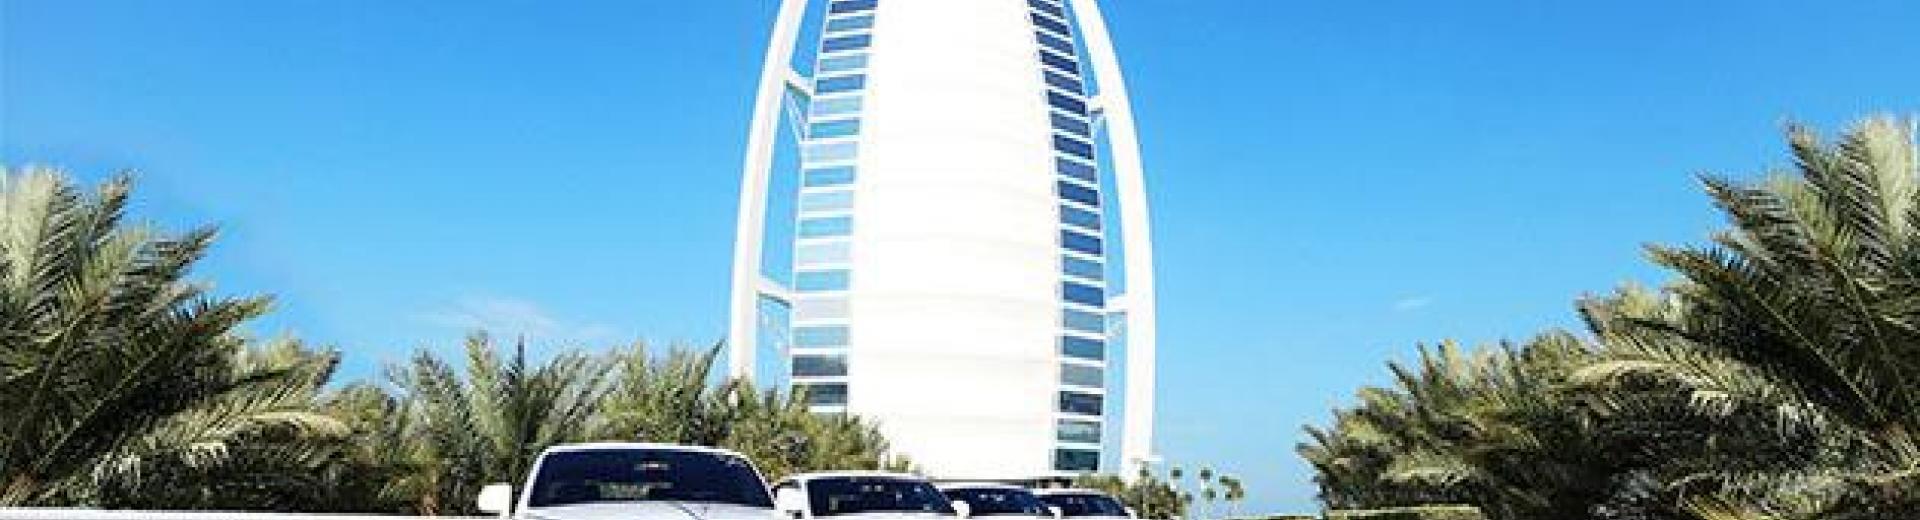 Jumeirah Group Burj Al Arab Bespoke Rolls Royce Series hero